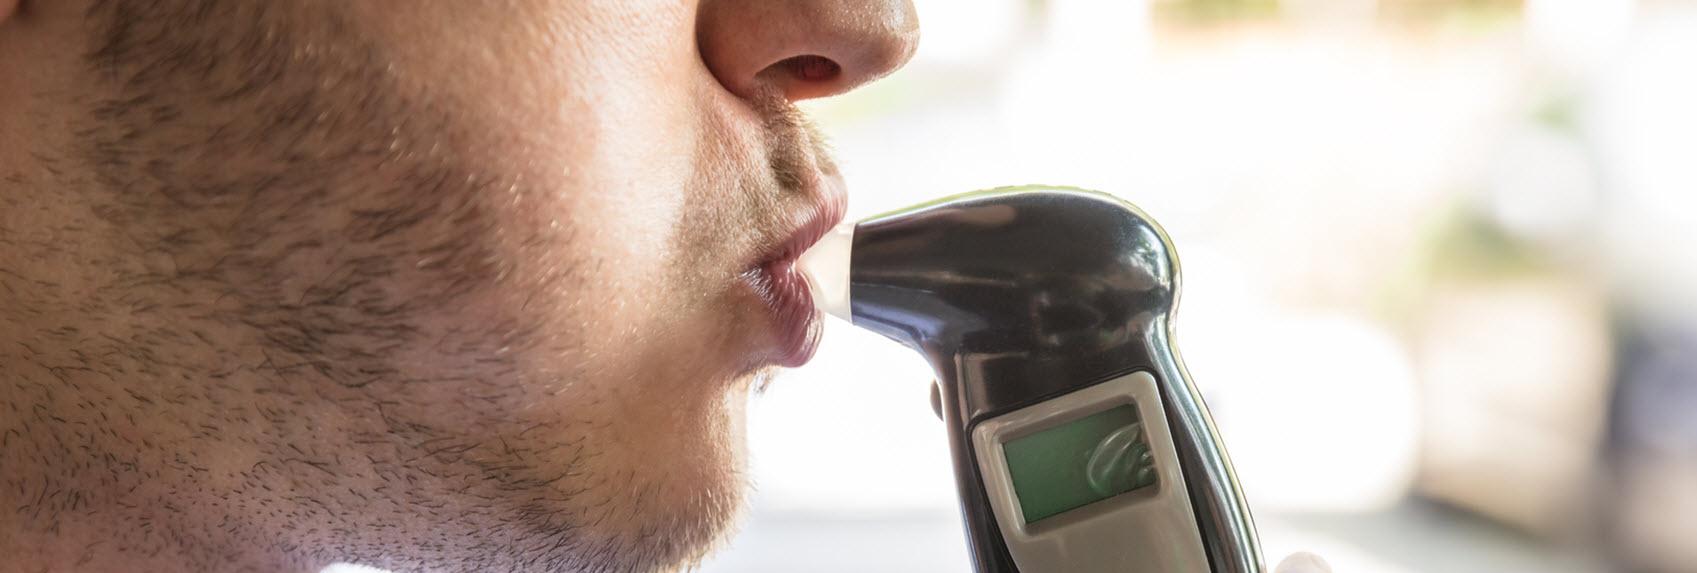 breathalyzer-test-drink-driving